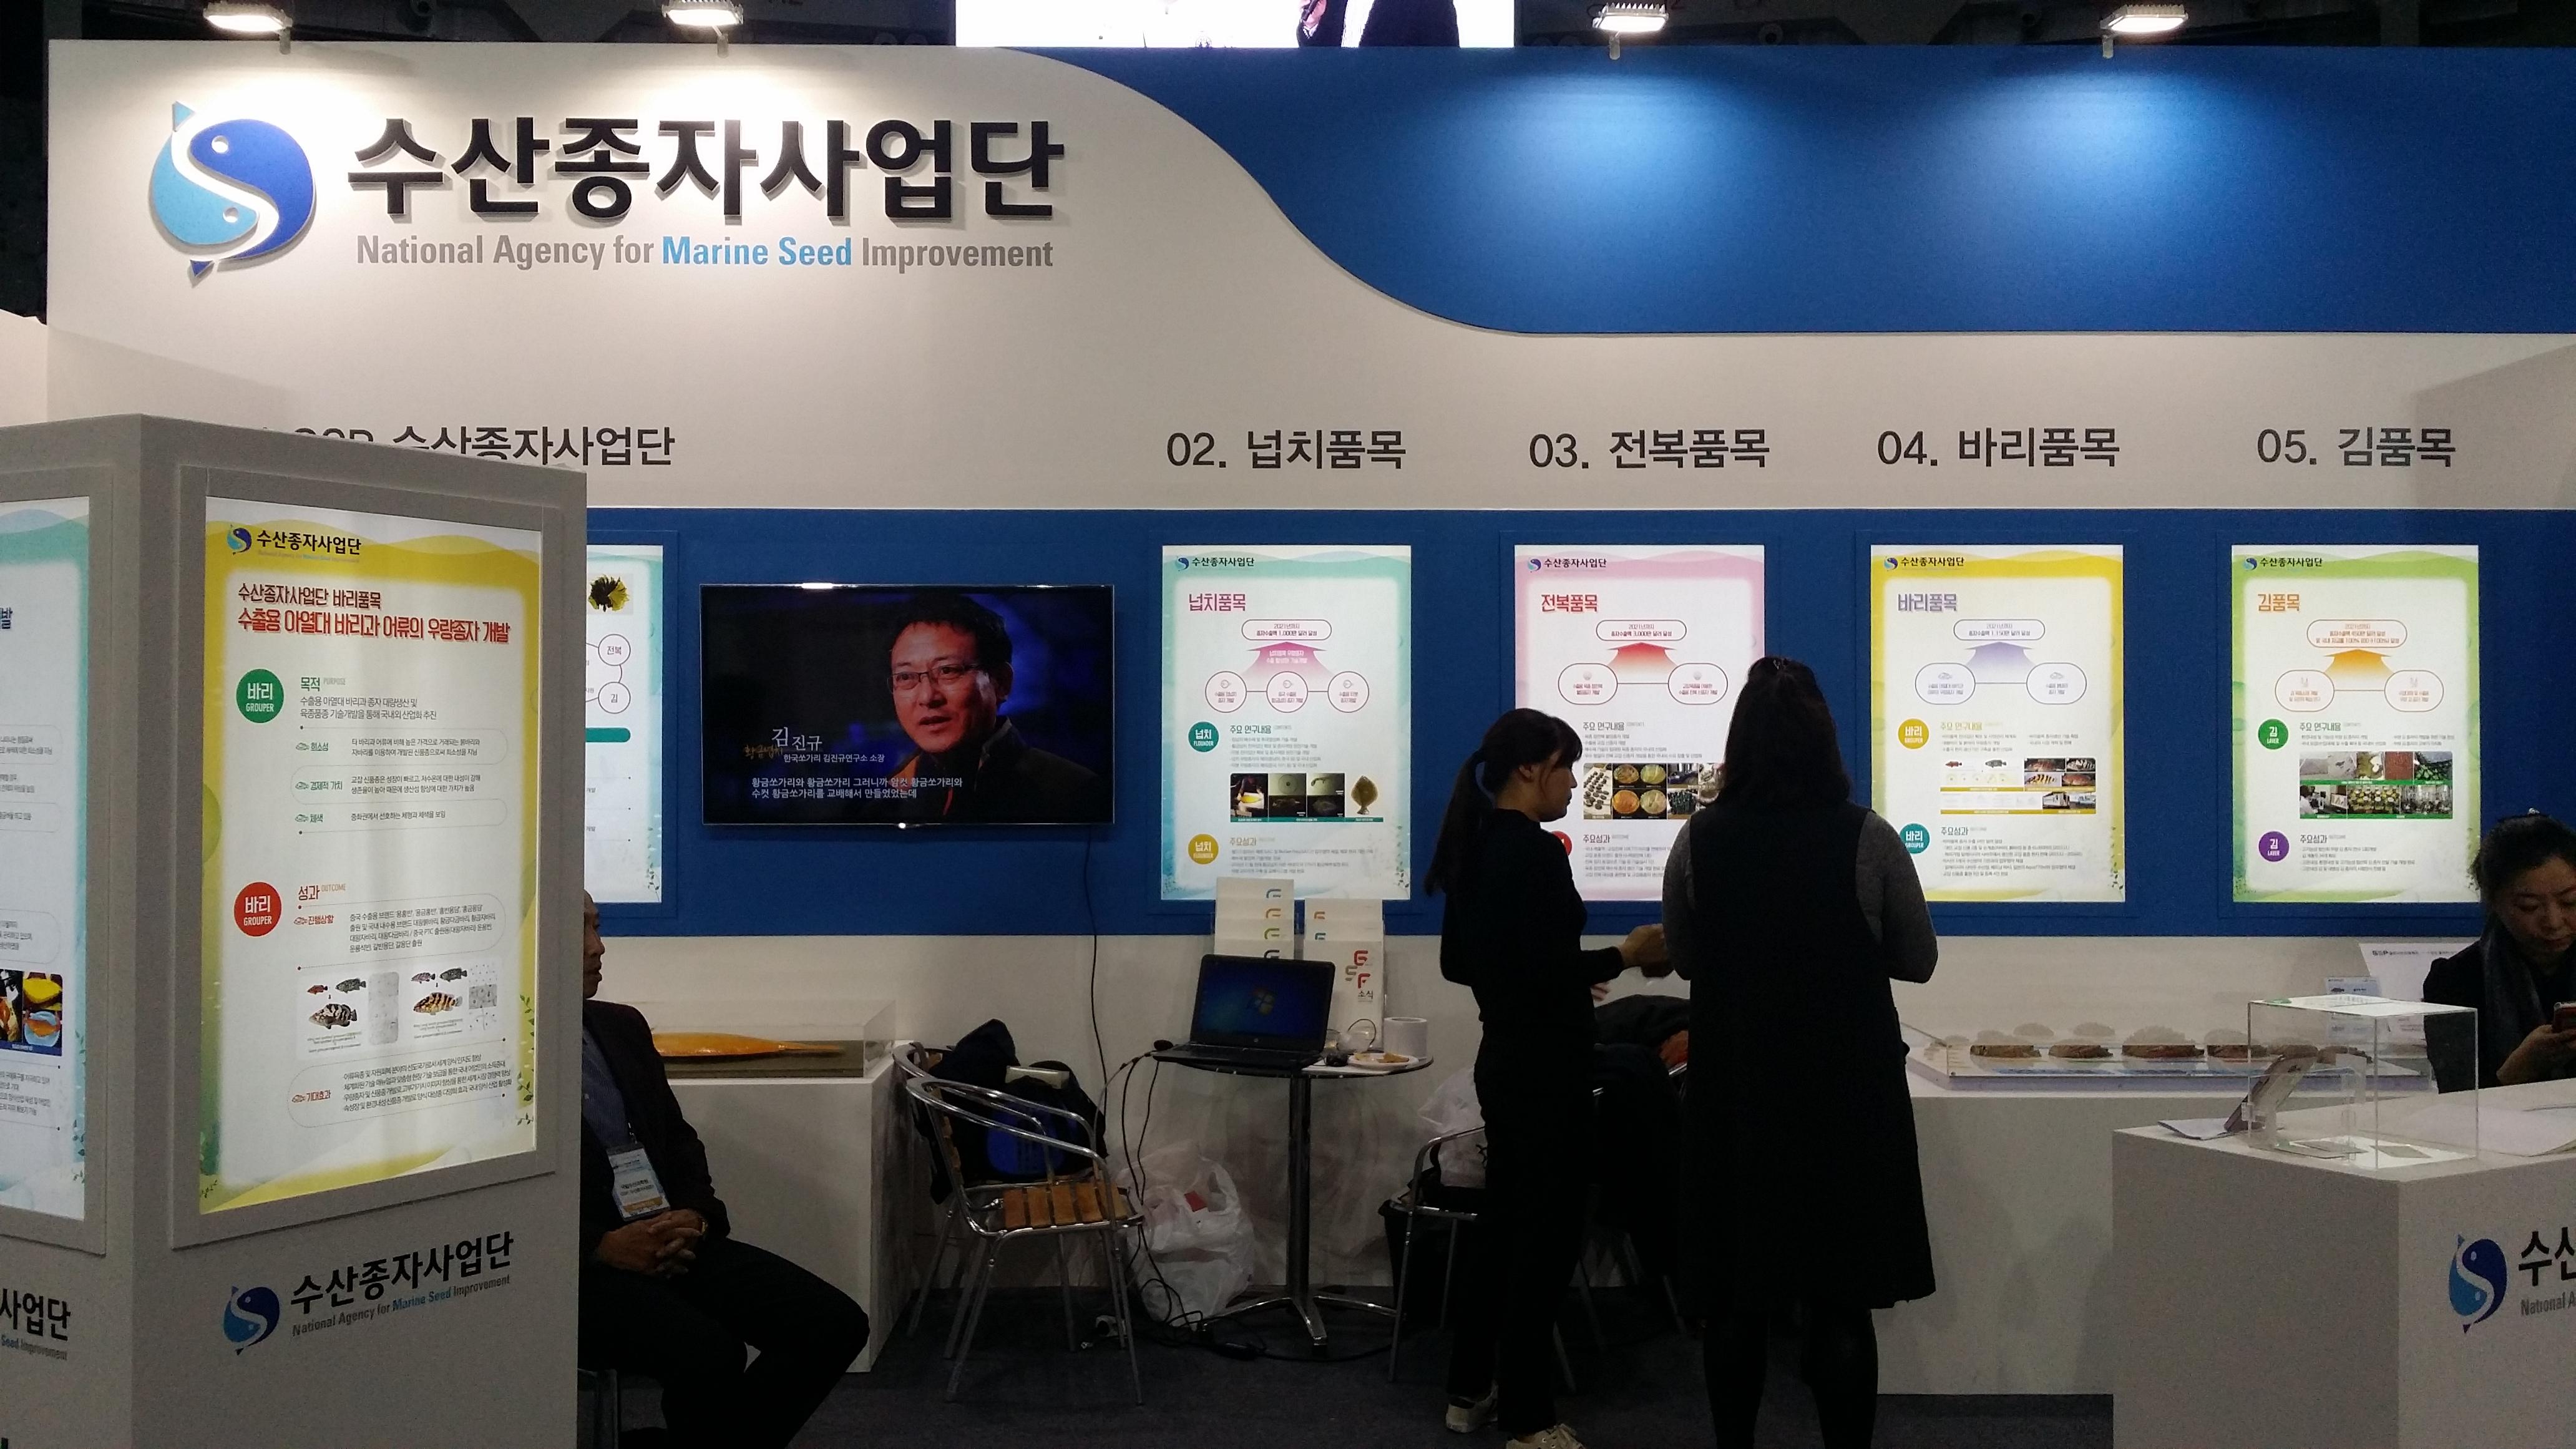 서울 박람회31